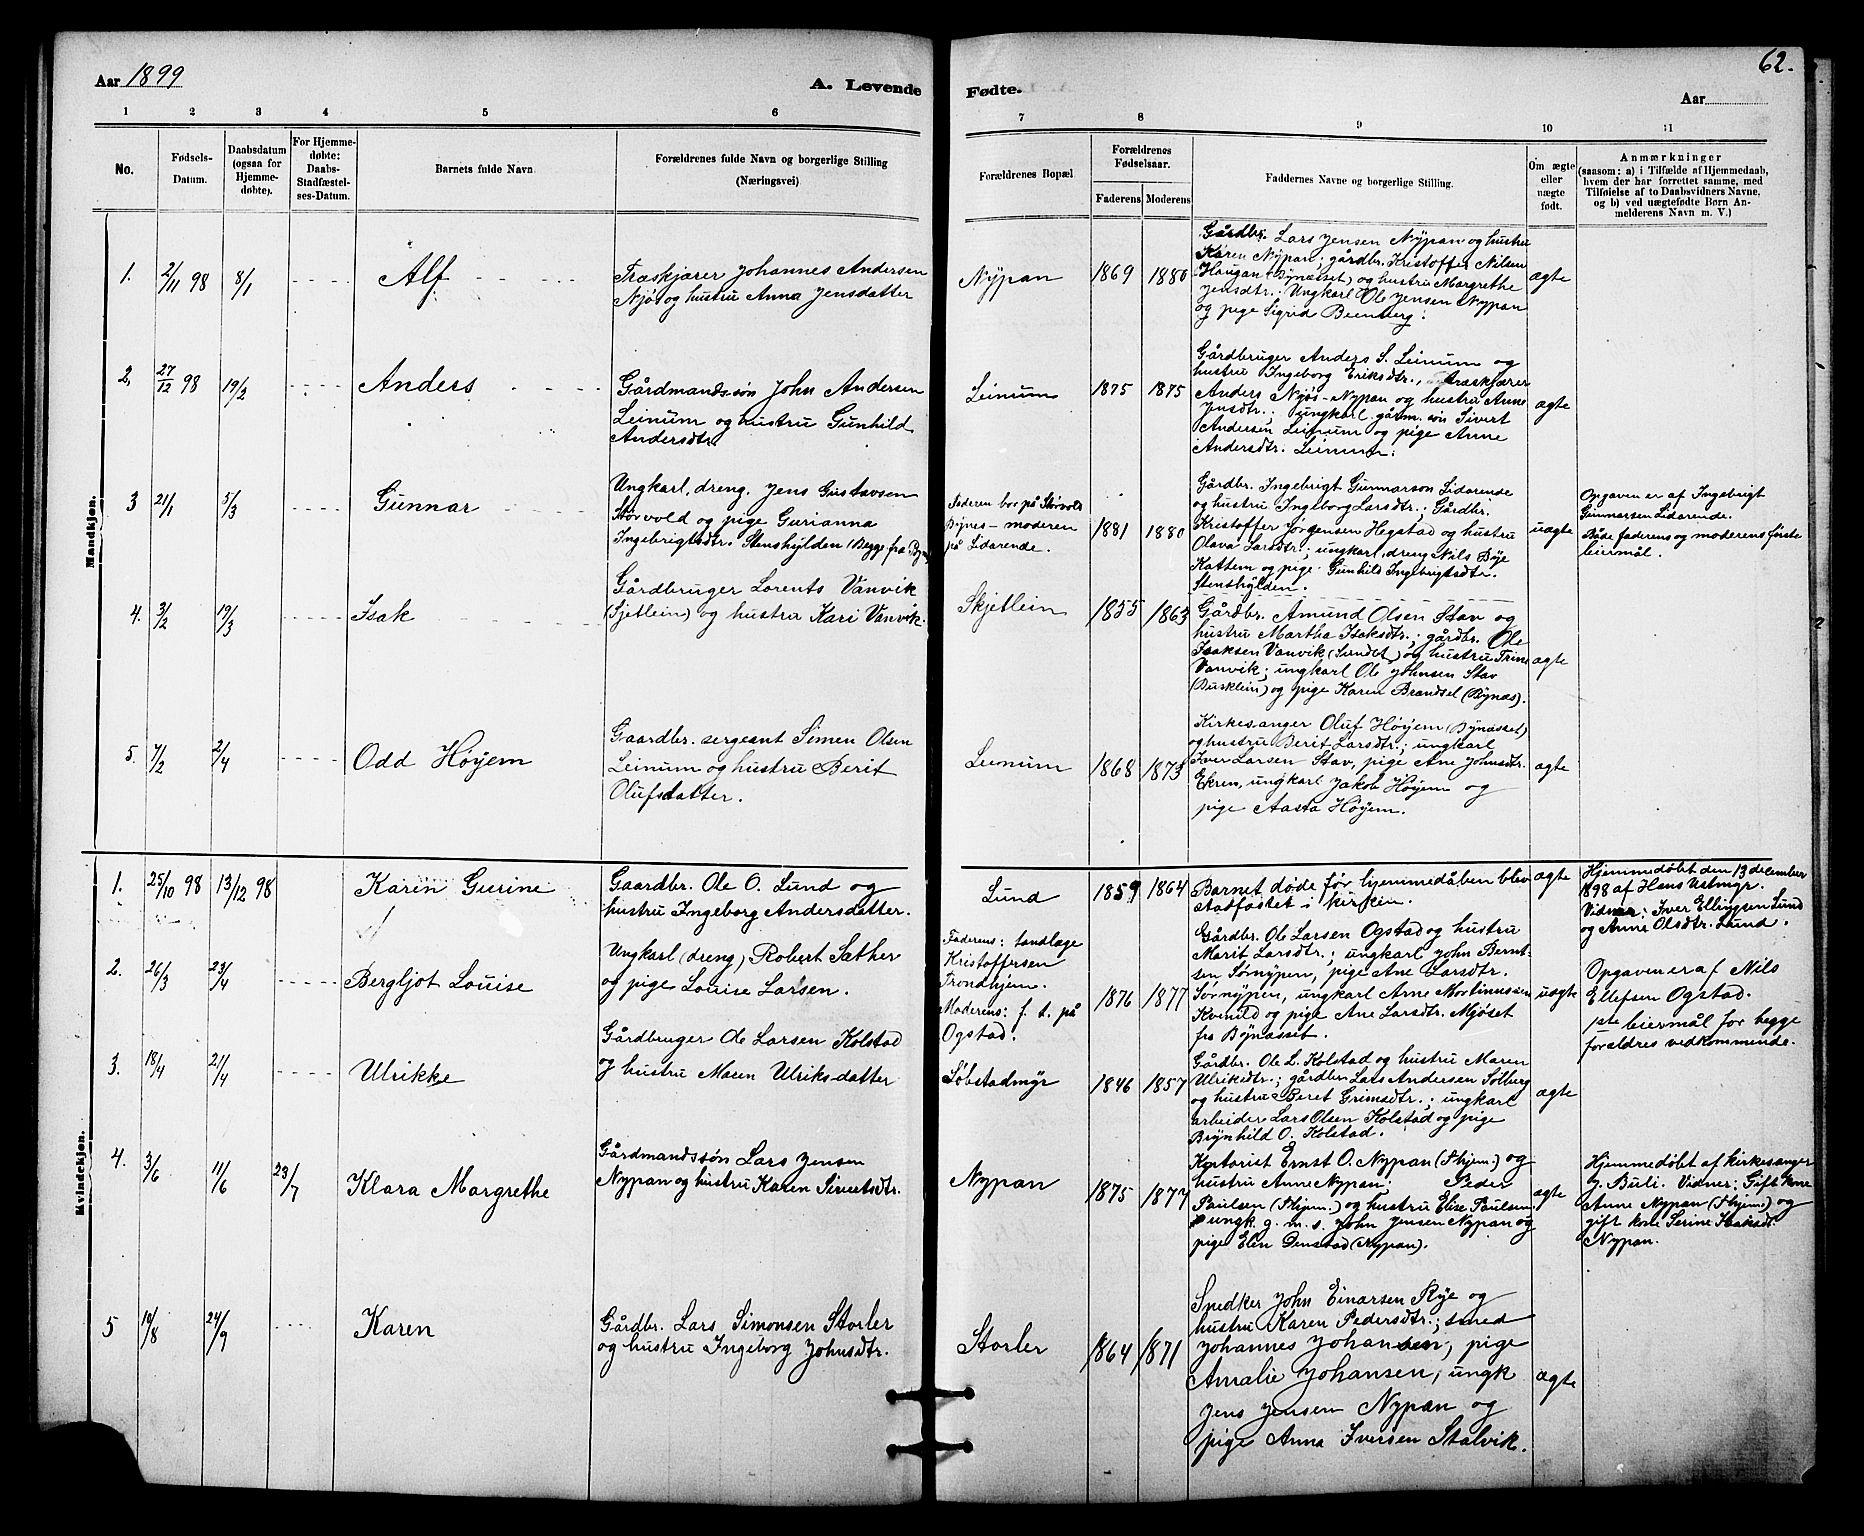 SAT, Ministerialprotokoller, klokkerbøker og fødselsregistre - Sør-Trøndelag, 613/L0395: Klokkerbok nr. 613C03, 1887-1909, s. 62